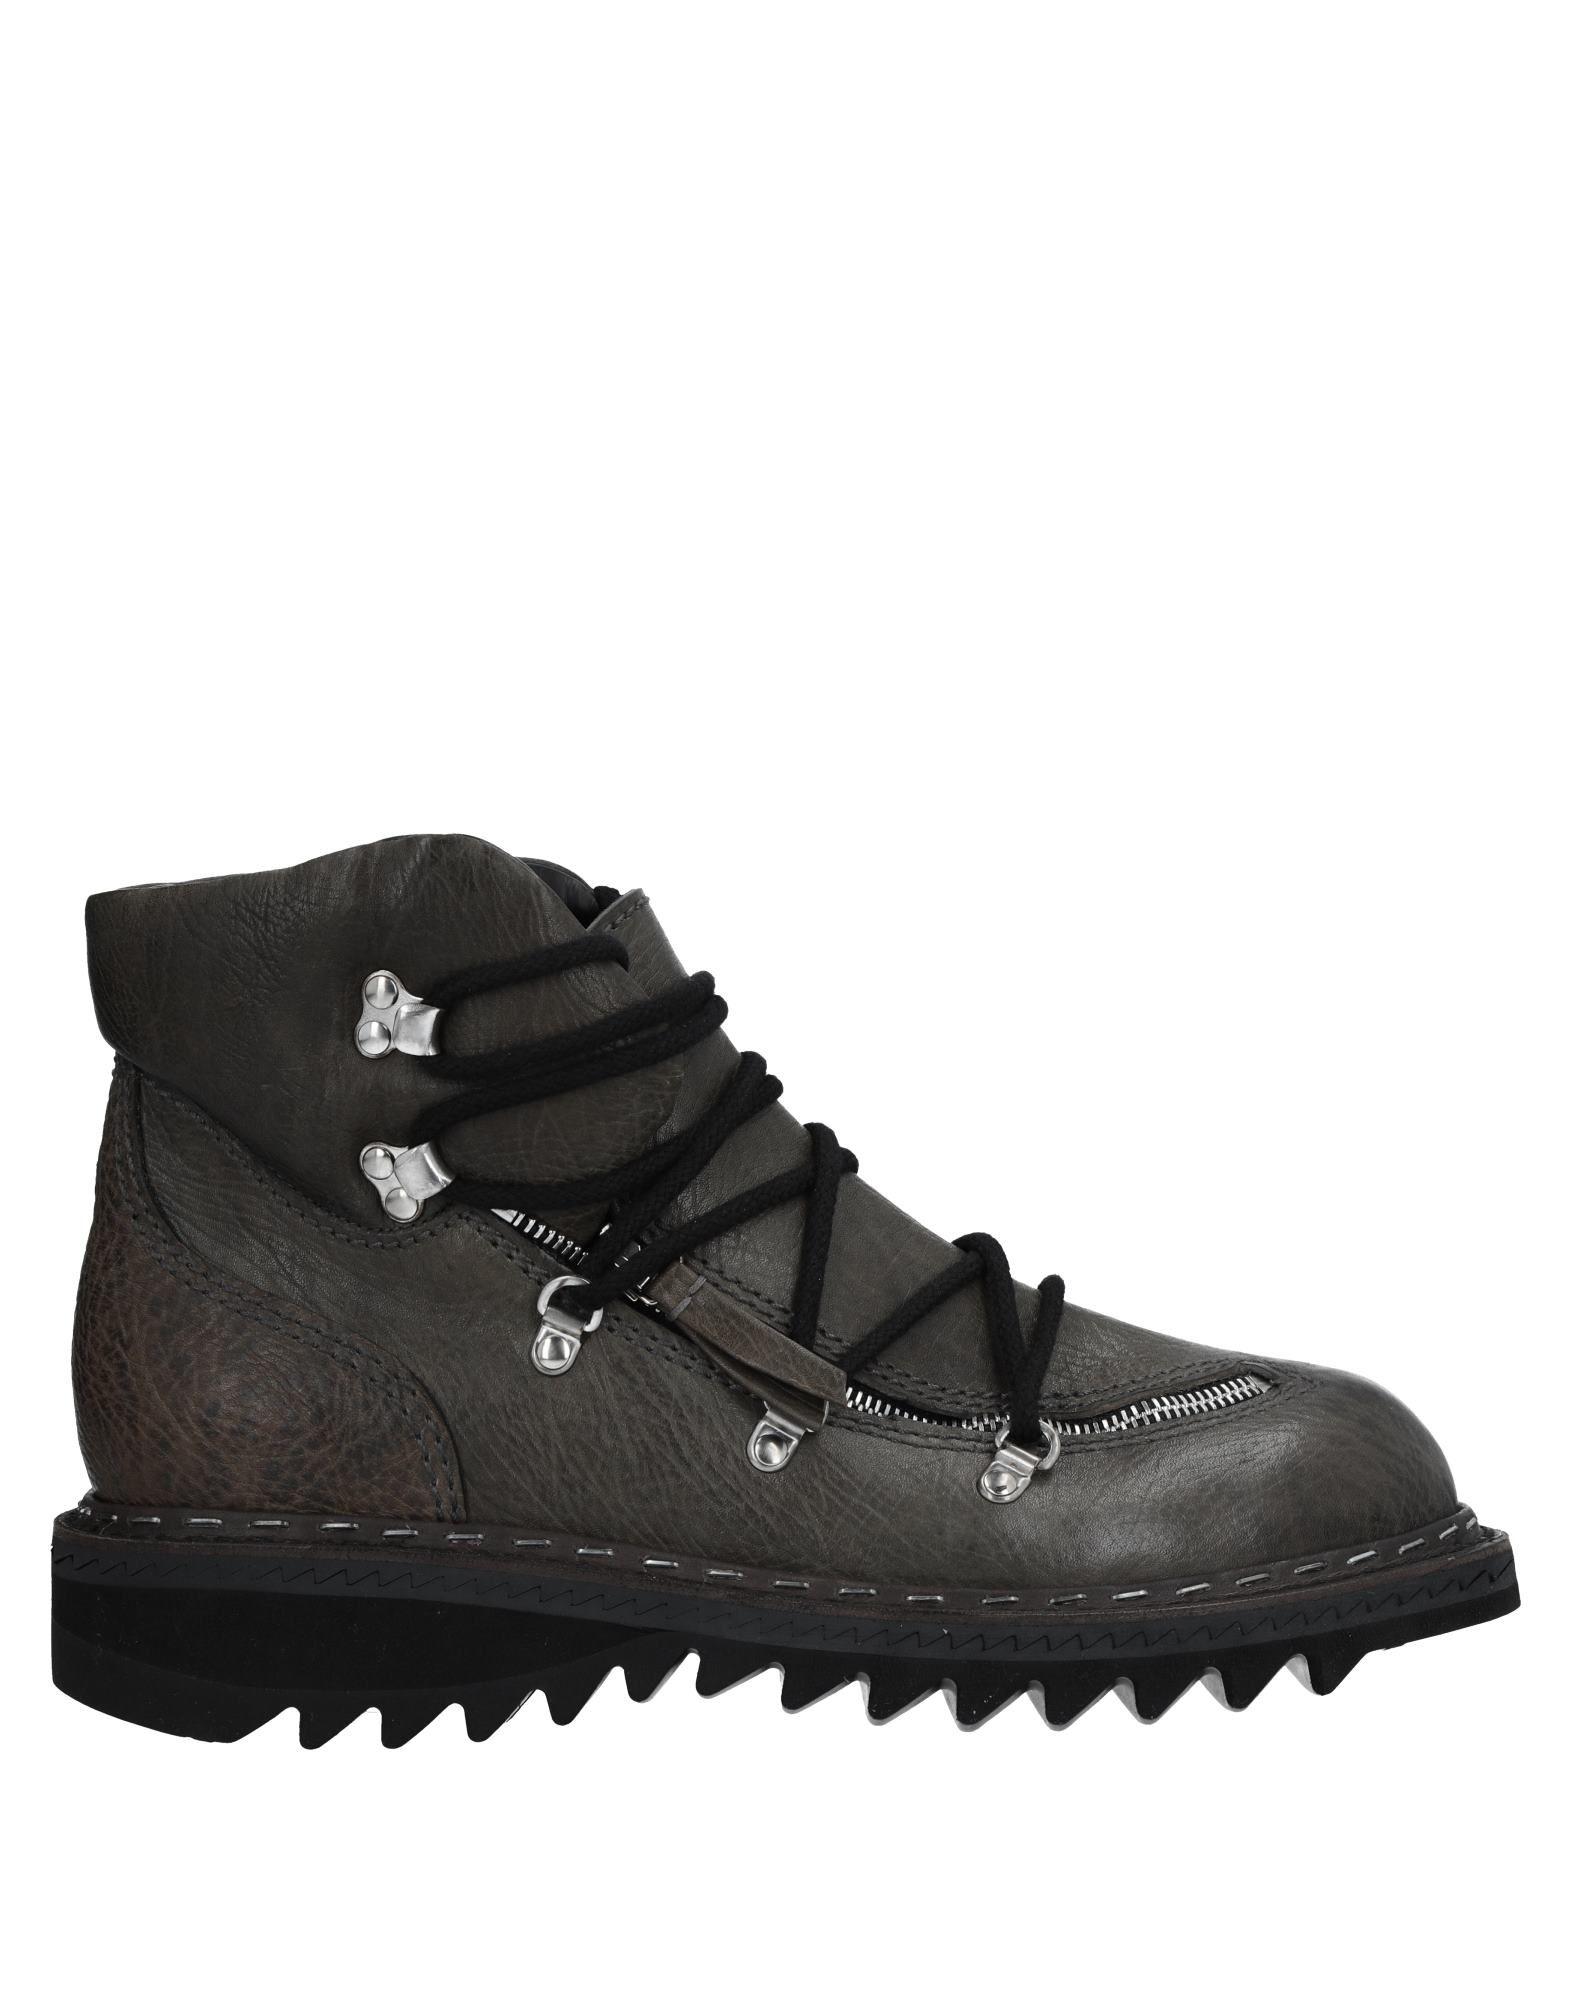 Premiata Stiefelette Herren  11530907MO Gute Qualität beliebte Schuhe